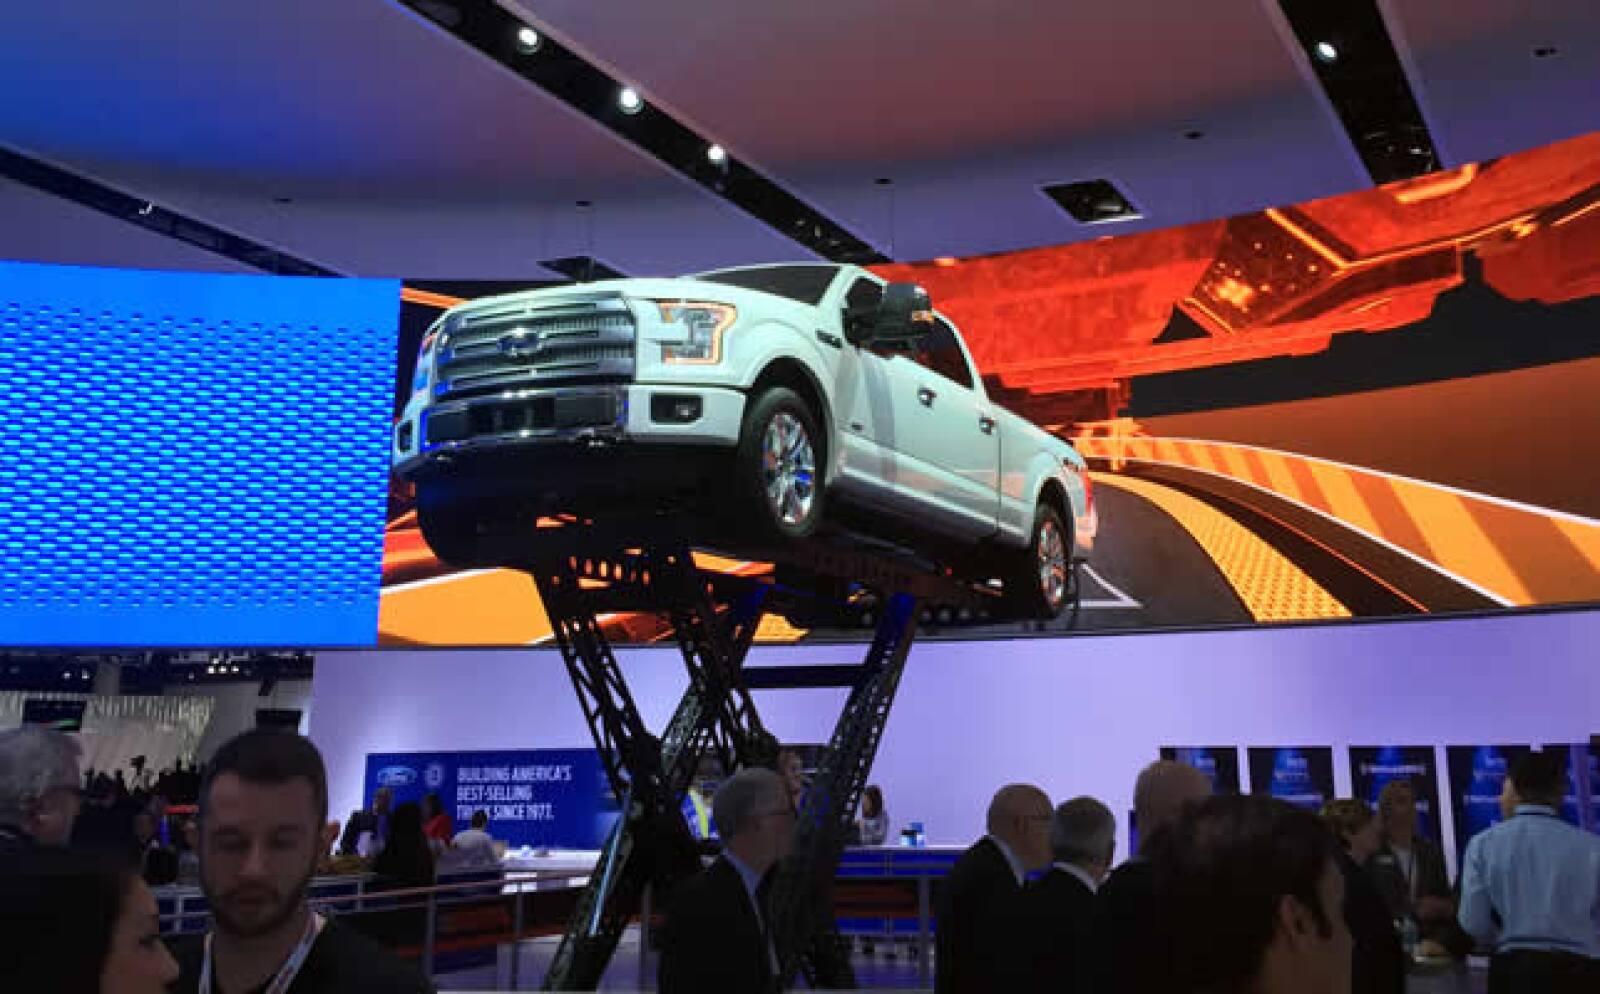 La automotriz presentó su nueva Pick Up durante el evento.